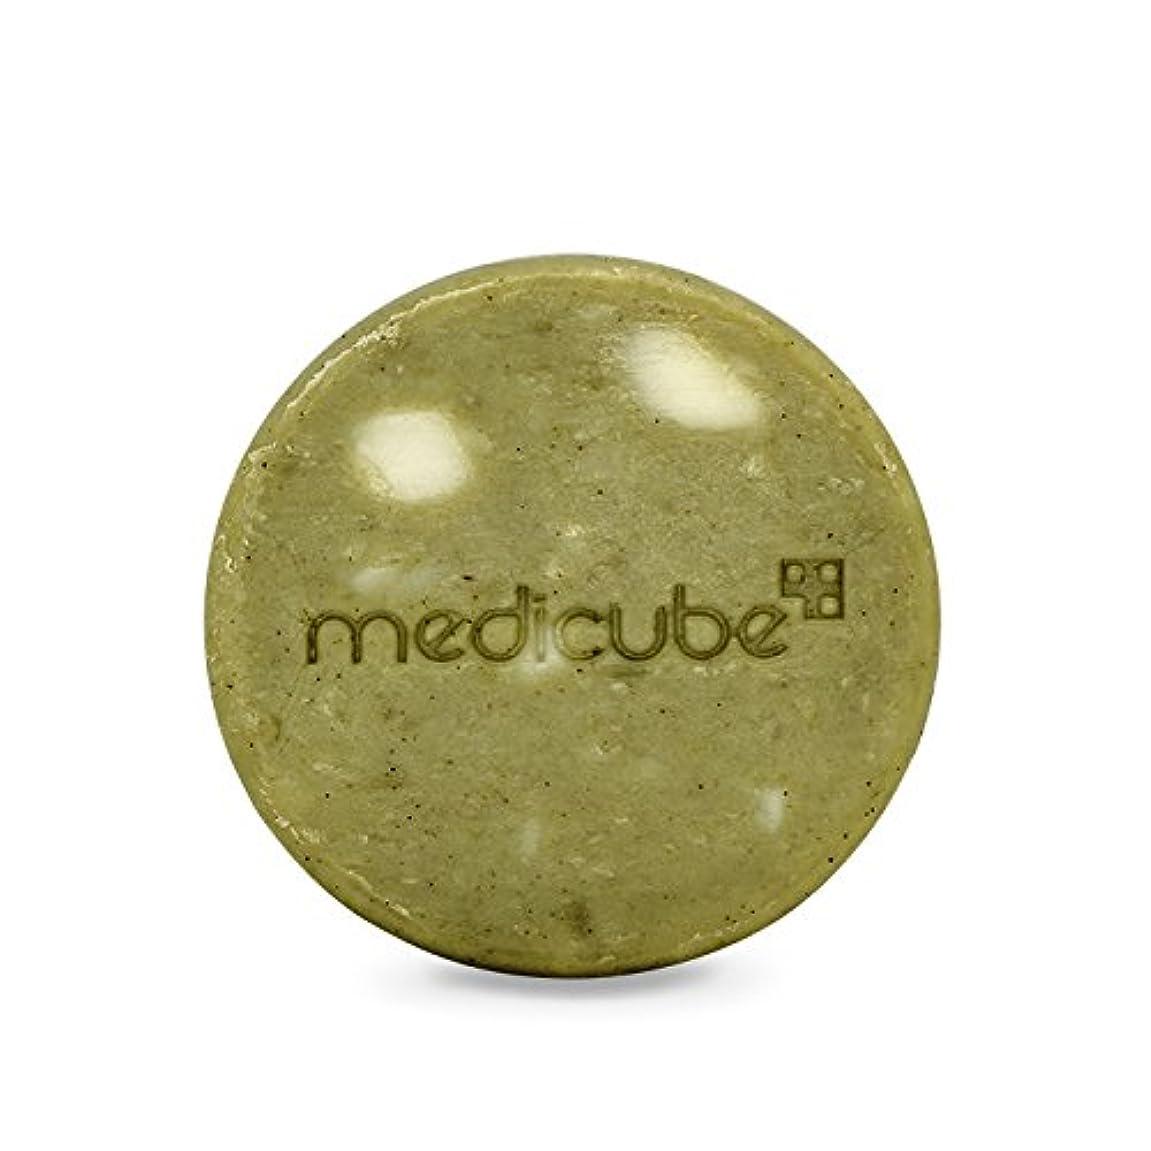 バランスのとれた振動する雄弁な[Medicube]Red Body Bar / メディキューブレッドボディバー / 正品?海外直送商品 [並行輸入品]